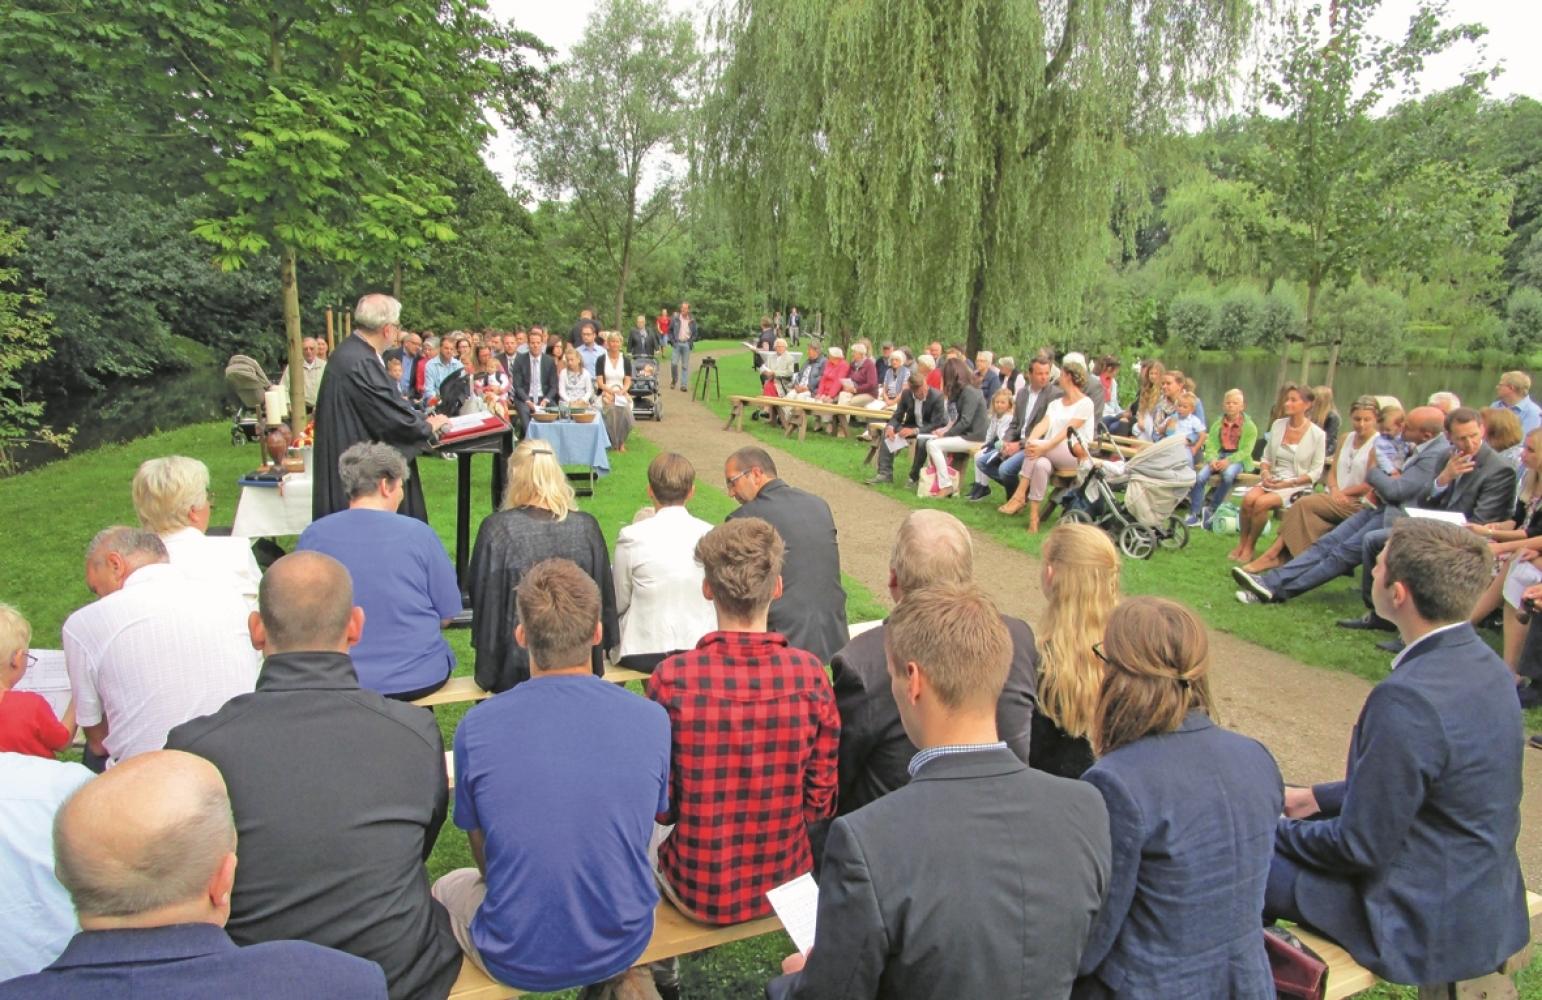 Taufgottesdienst An Der Böhme Heidekreis Walsroder Zeitung